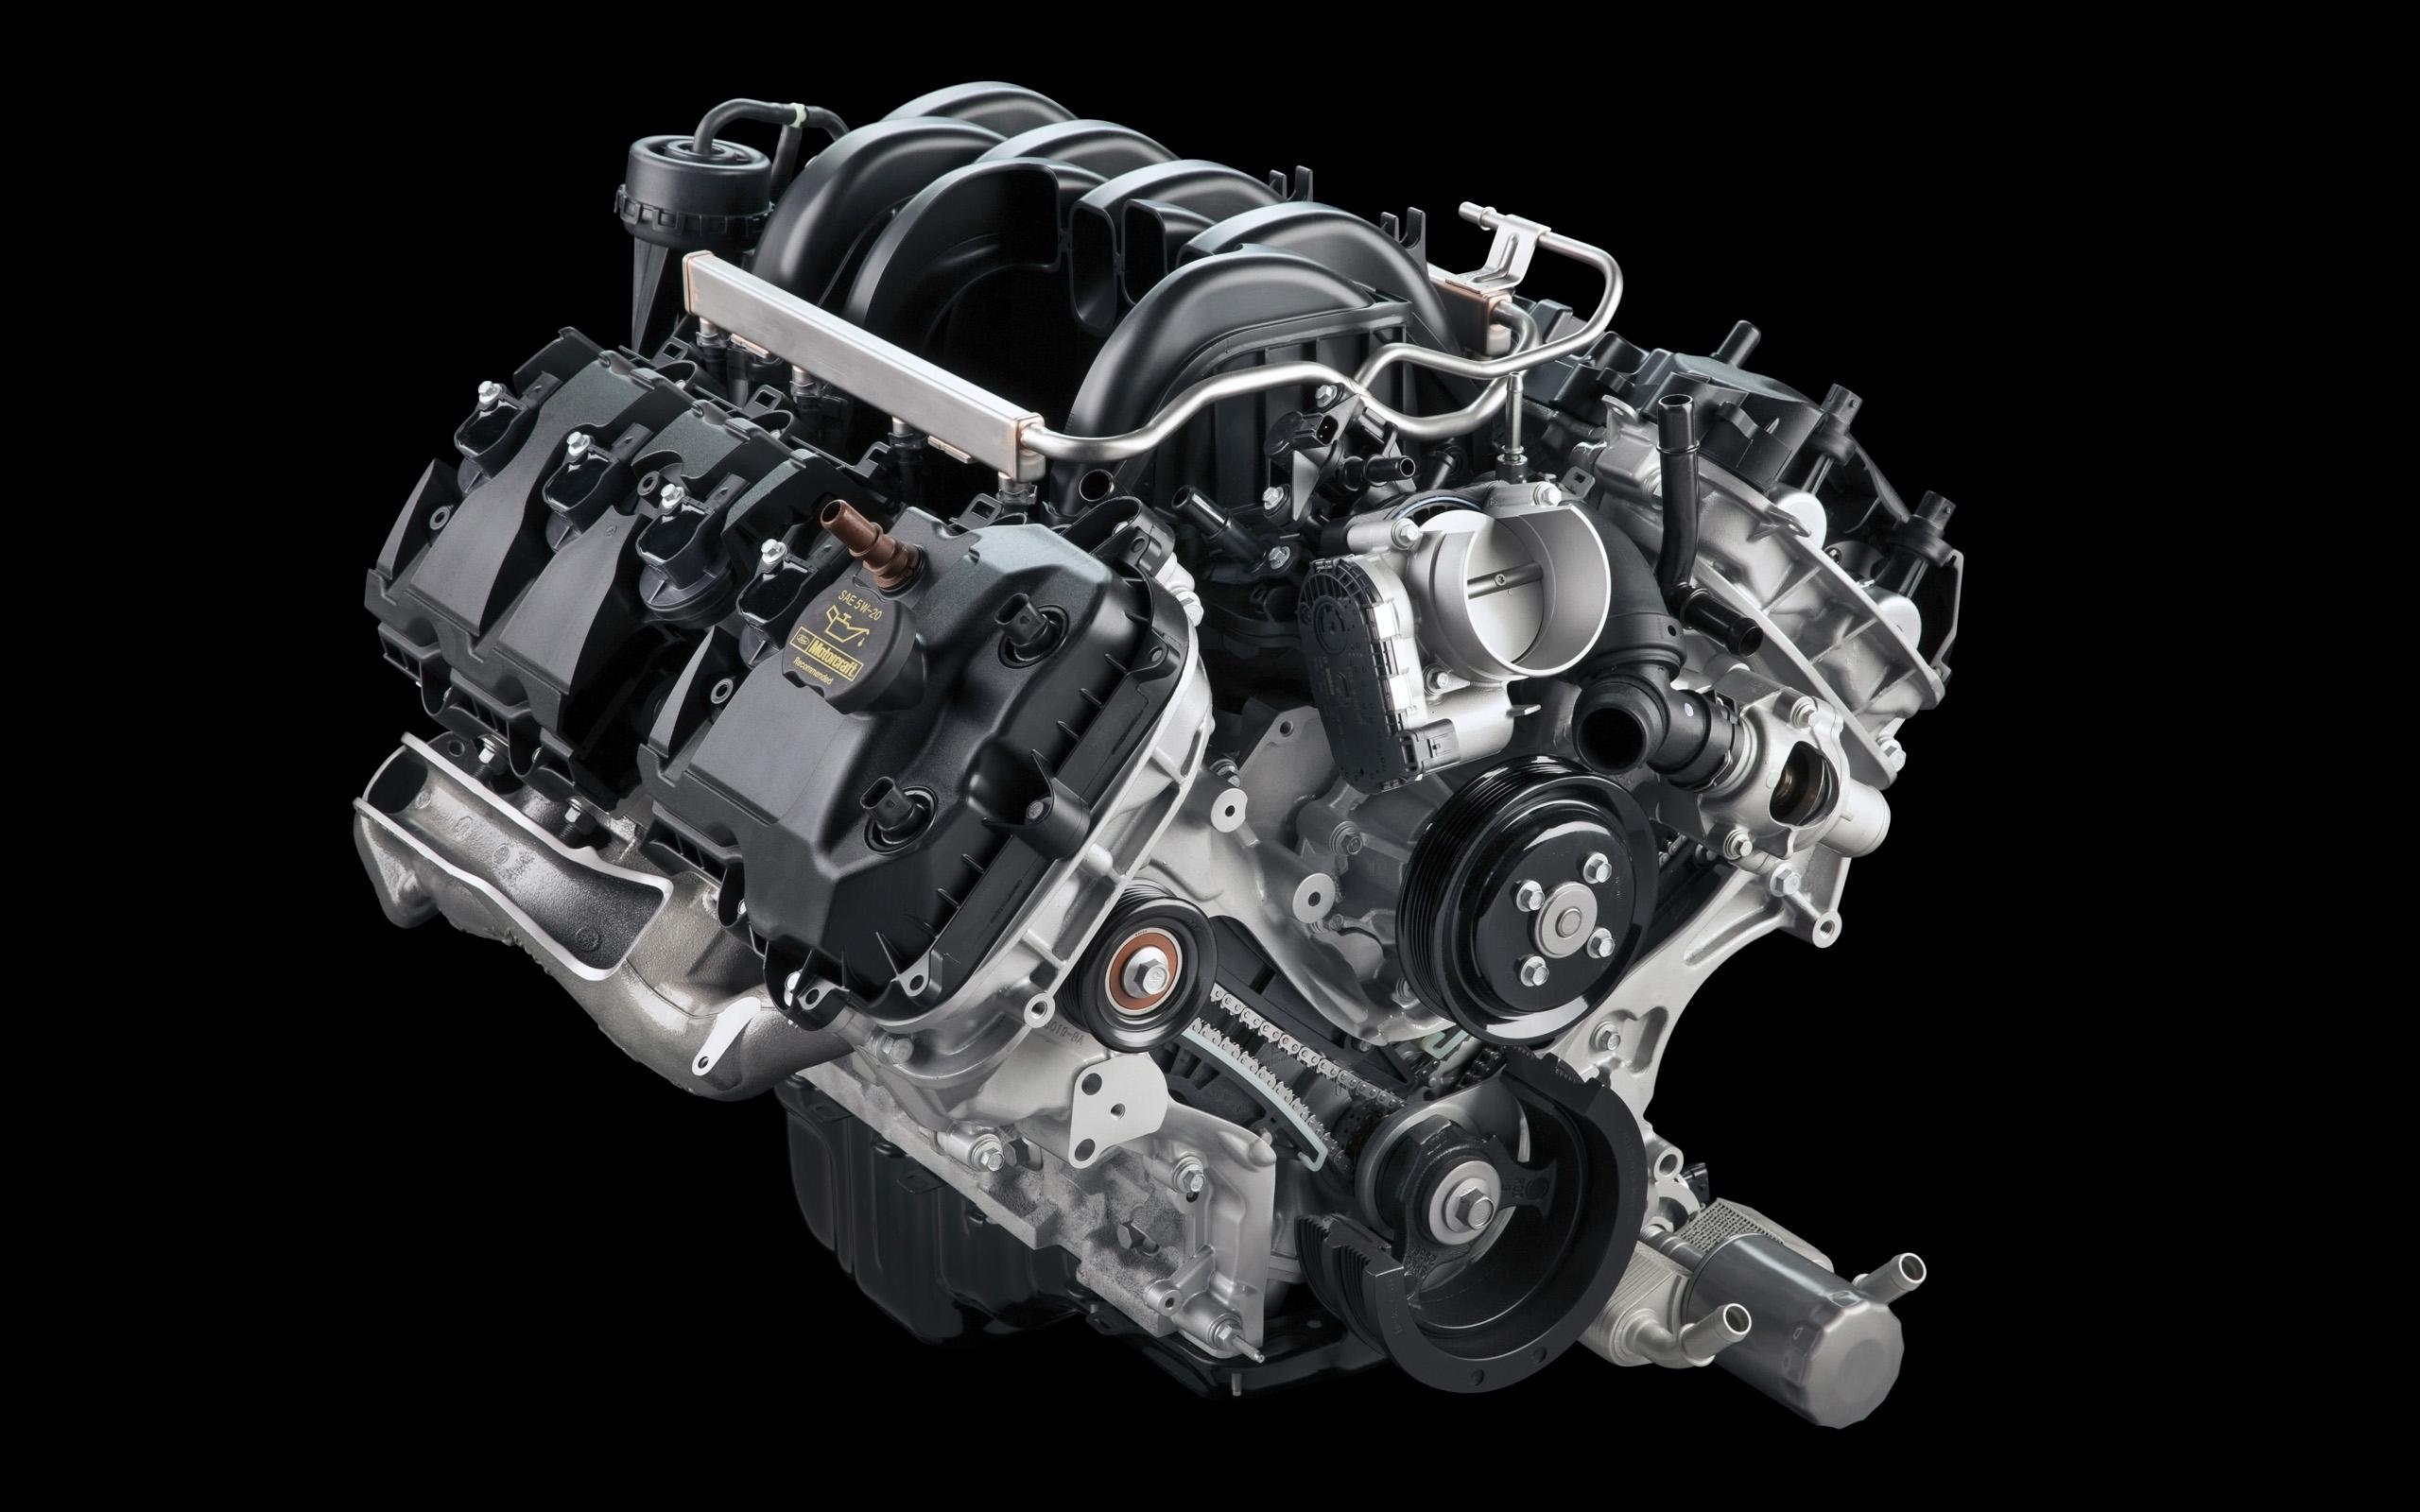 Vauxhall  mon ecu failures also 2000 Silverado Fuse Block Wiring Diagram moreover E6 A0 87 E8 87 B4307 E5 8F 91 E5 8A A8 E6 9C BA E7 9A AE E5 B8 A6 E7 BB 95 E6 B3 95 E5 9B BE besides Briggs And Stratton Wiring Diagram together with Essai Bmw I8. on bmw 3 0 engine diagram